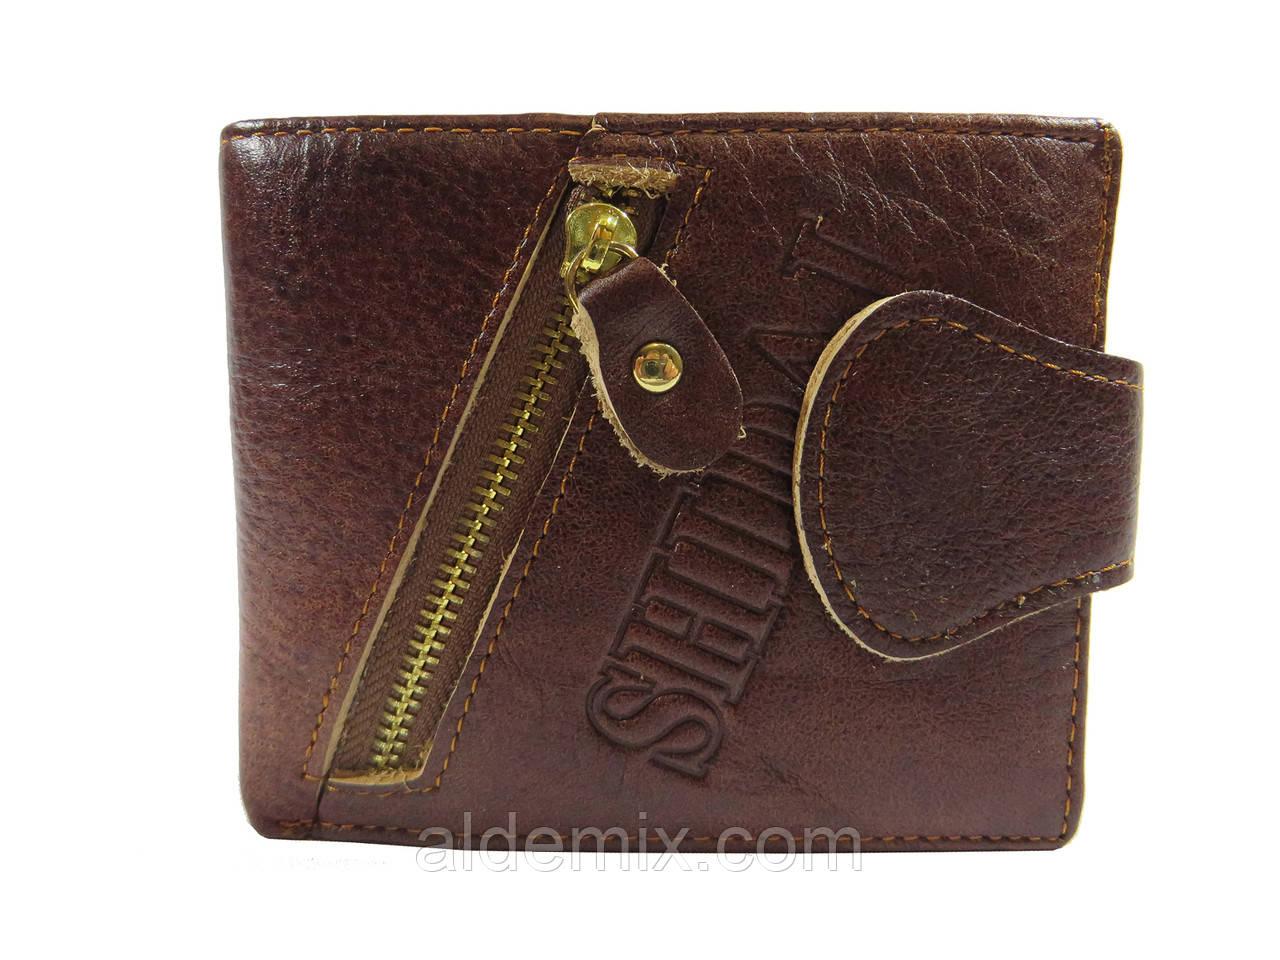 2284a3f457d2 мужской кожаный кошелек: продажа, цена в Украине. кошельки и ...